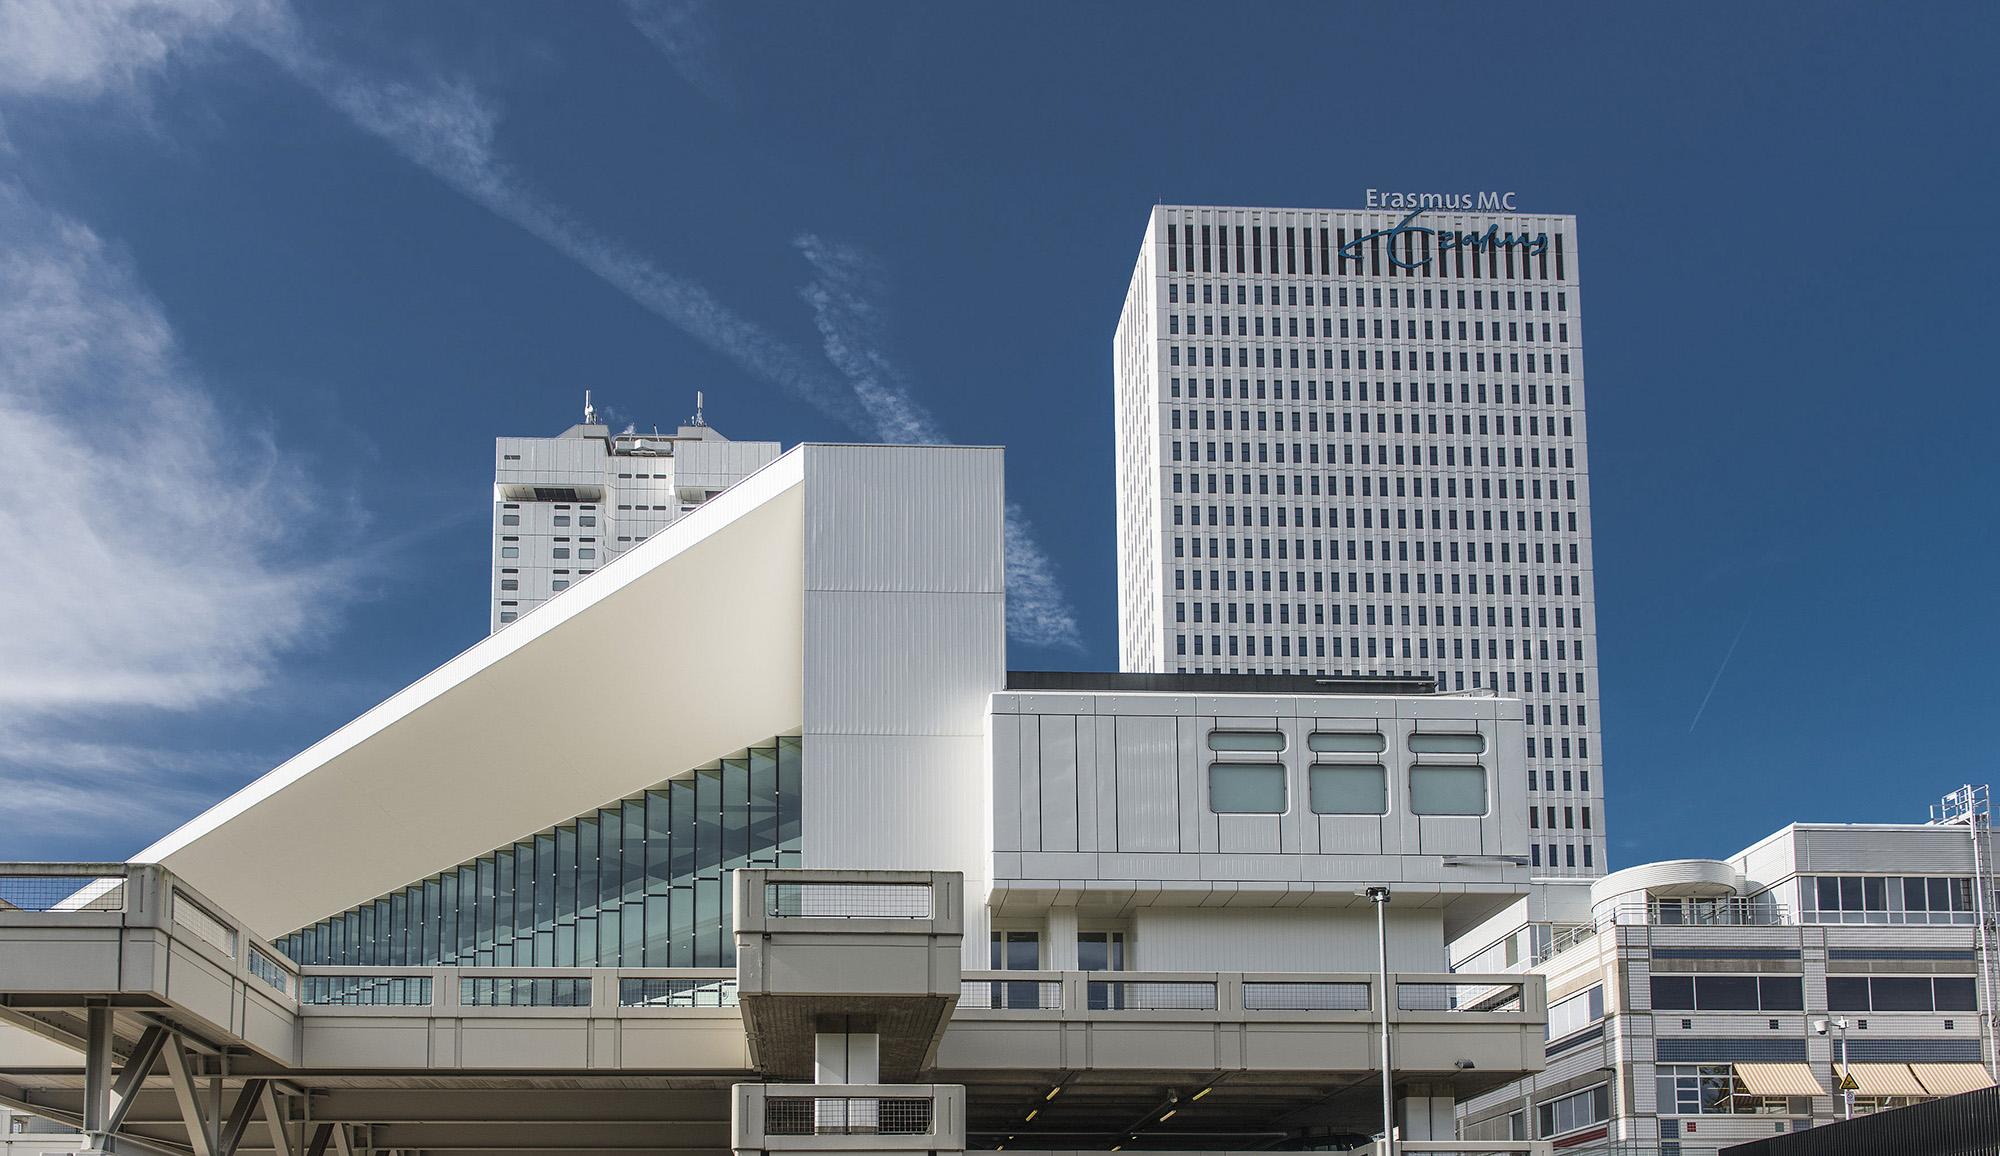 Erasmus MC gebouwen